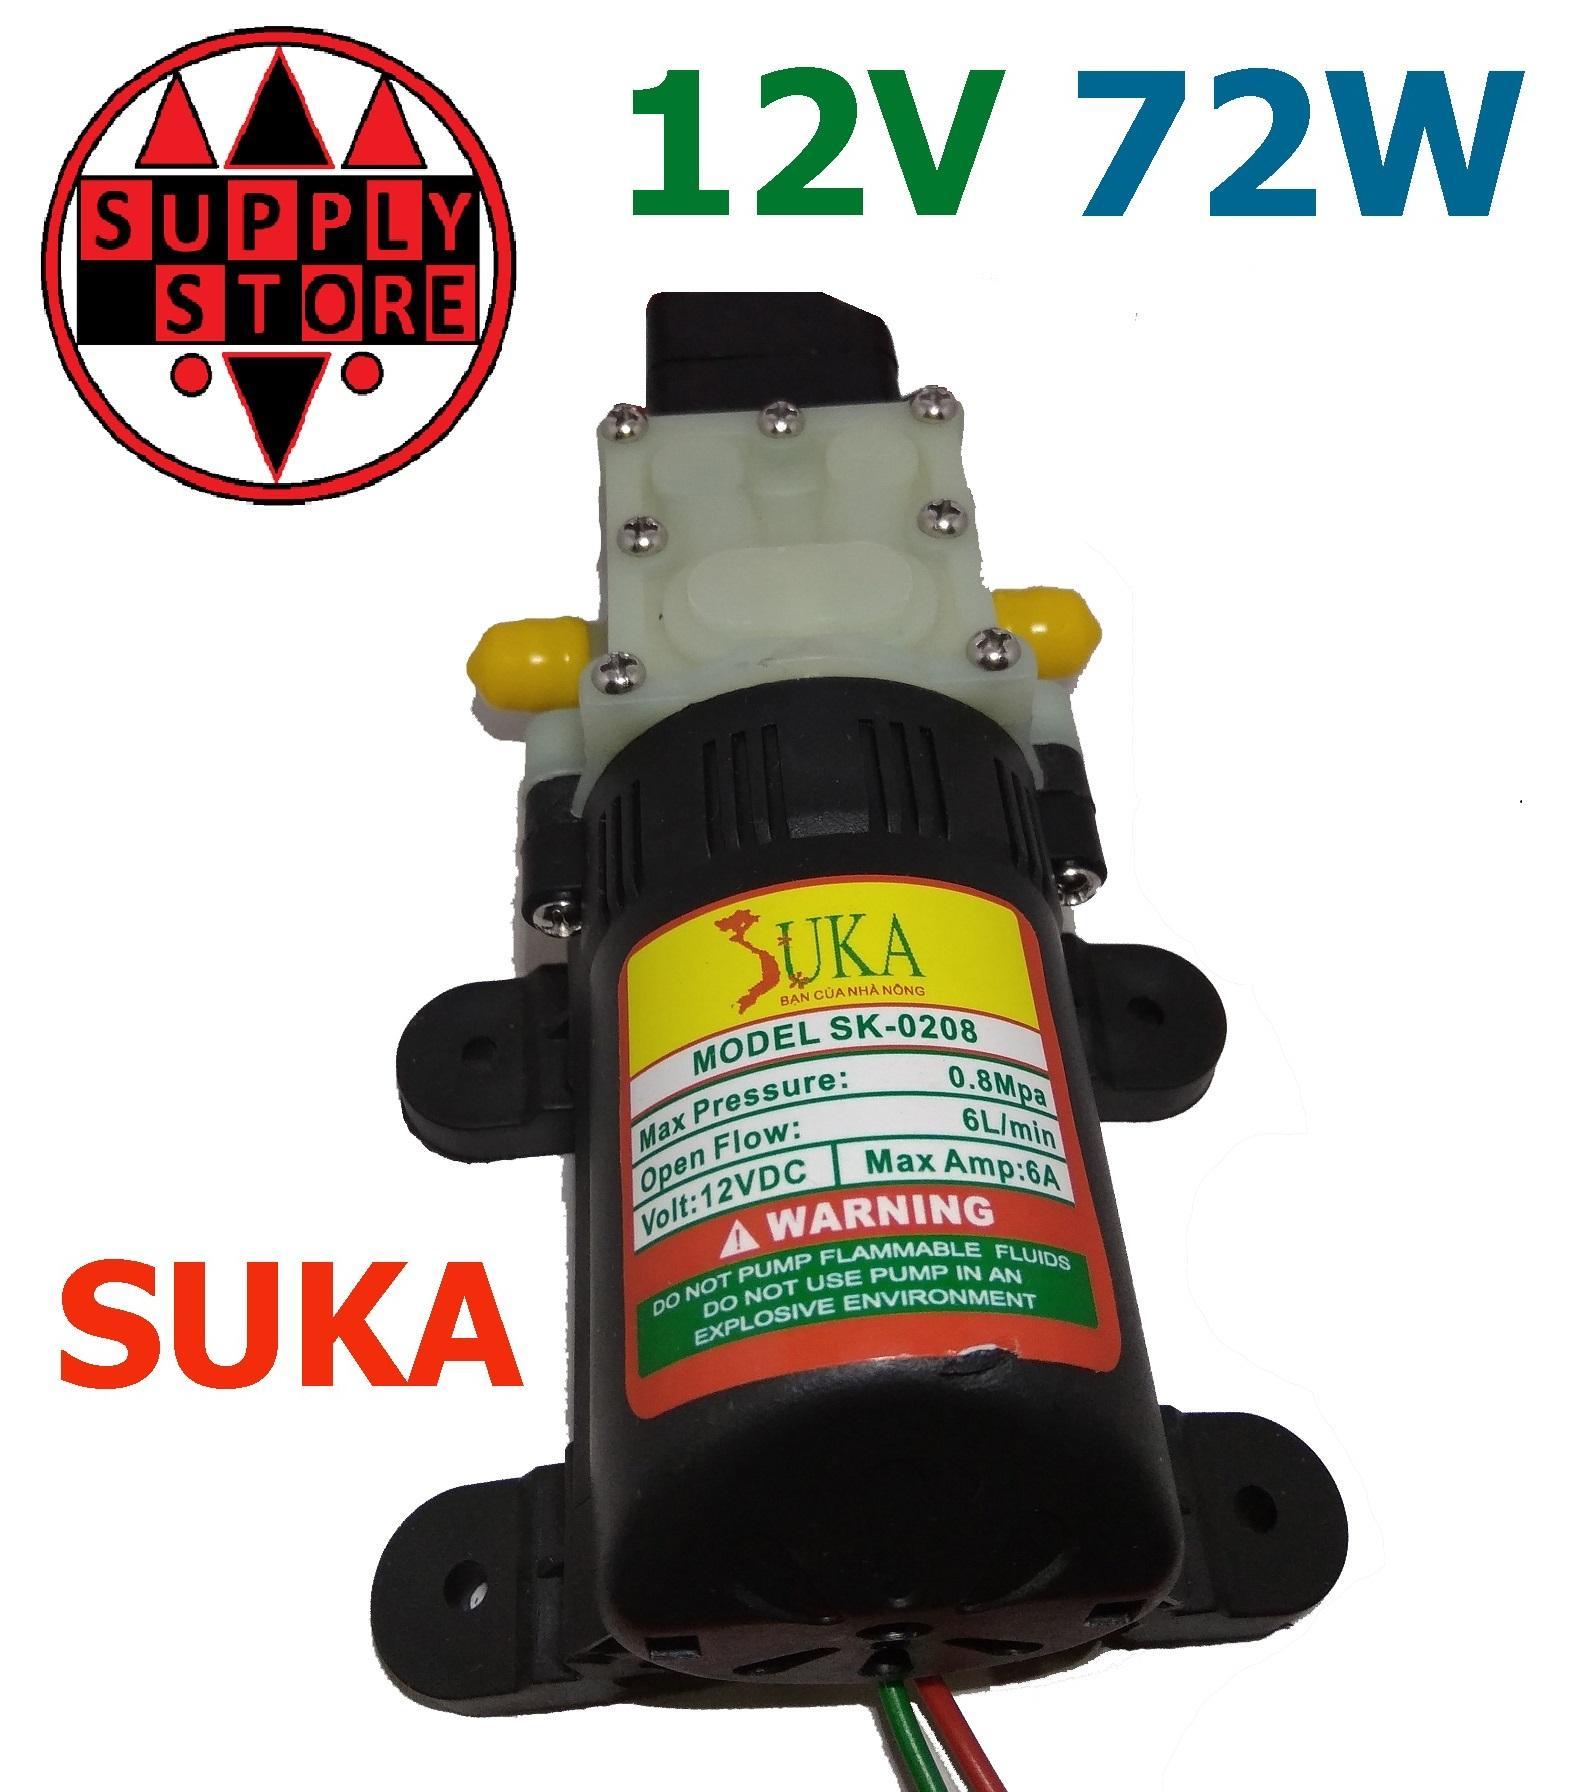 Hình ảnh máy bơm nước mini 12v áp lực cao - bơm tăng áp mini 12v